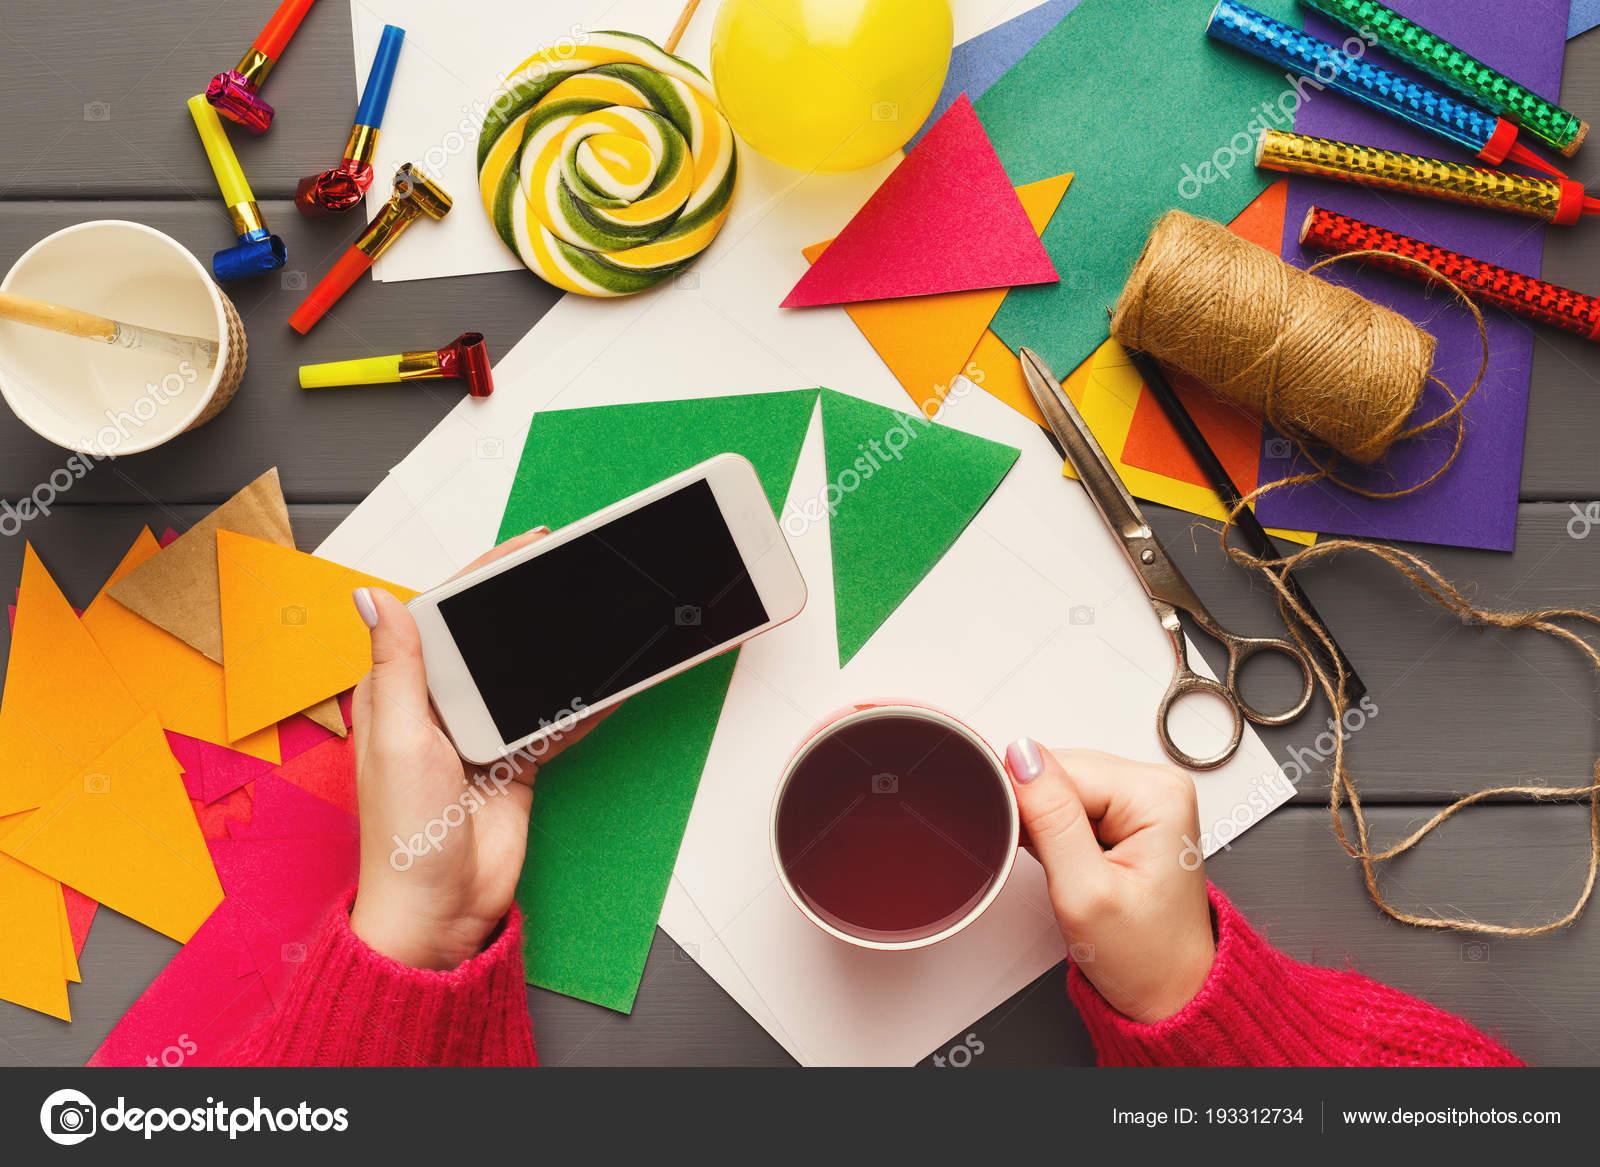 Decorazioni Fai Da Te Per Feste : Sfondo vacanza fai da te decorazioni di festa di compleanno